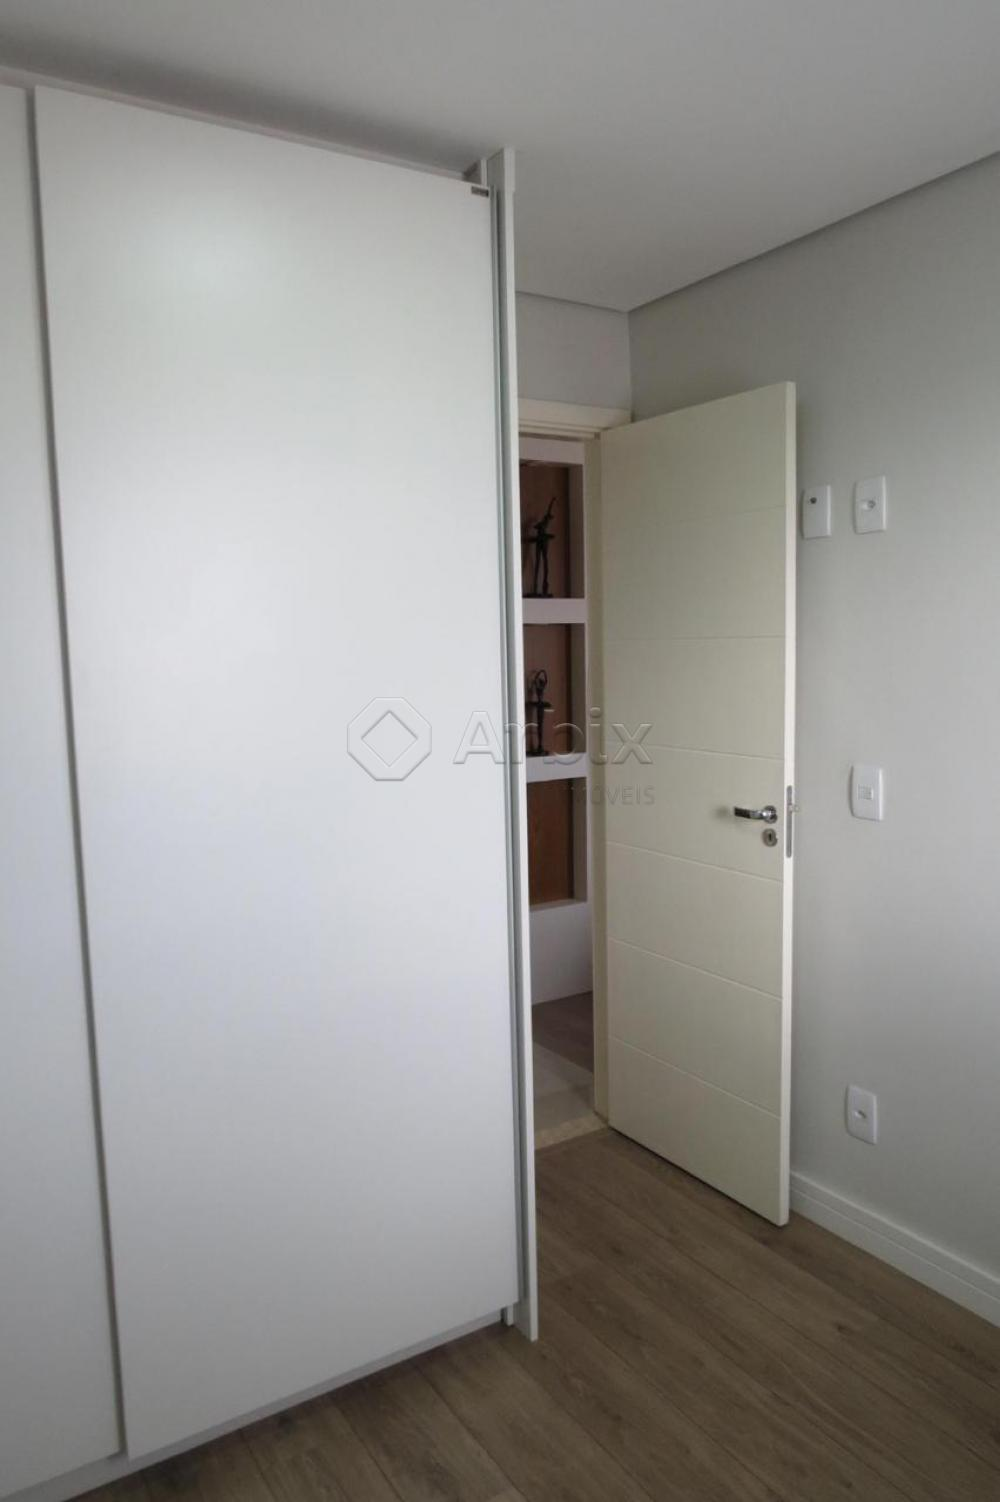 Comprar Apartamento / Padrão em Americana apenas R$ 600.000,00 - Foto 5